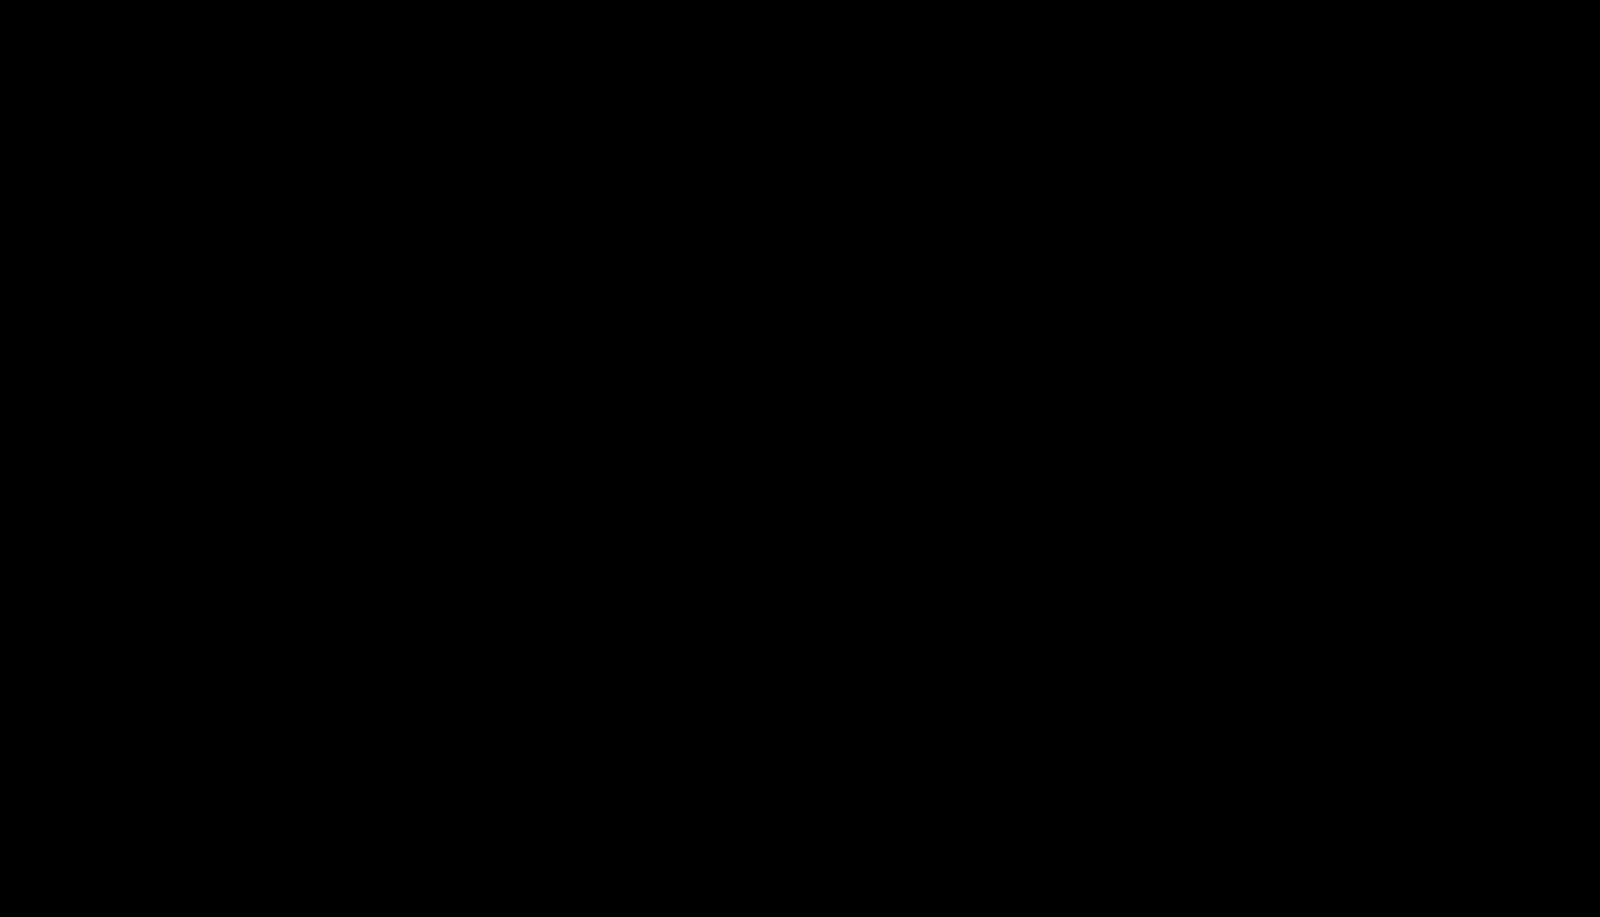 seneca2020